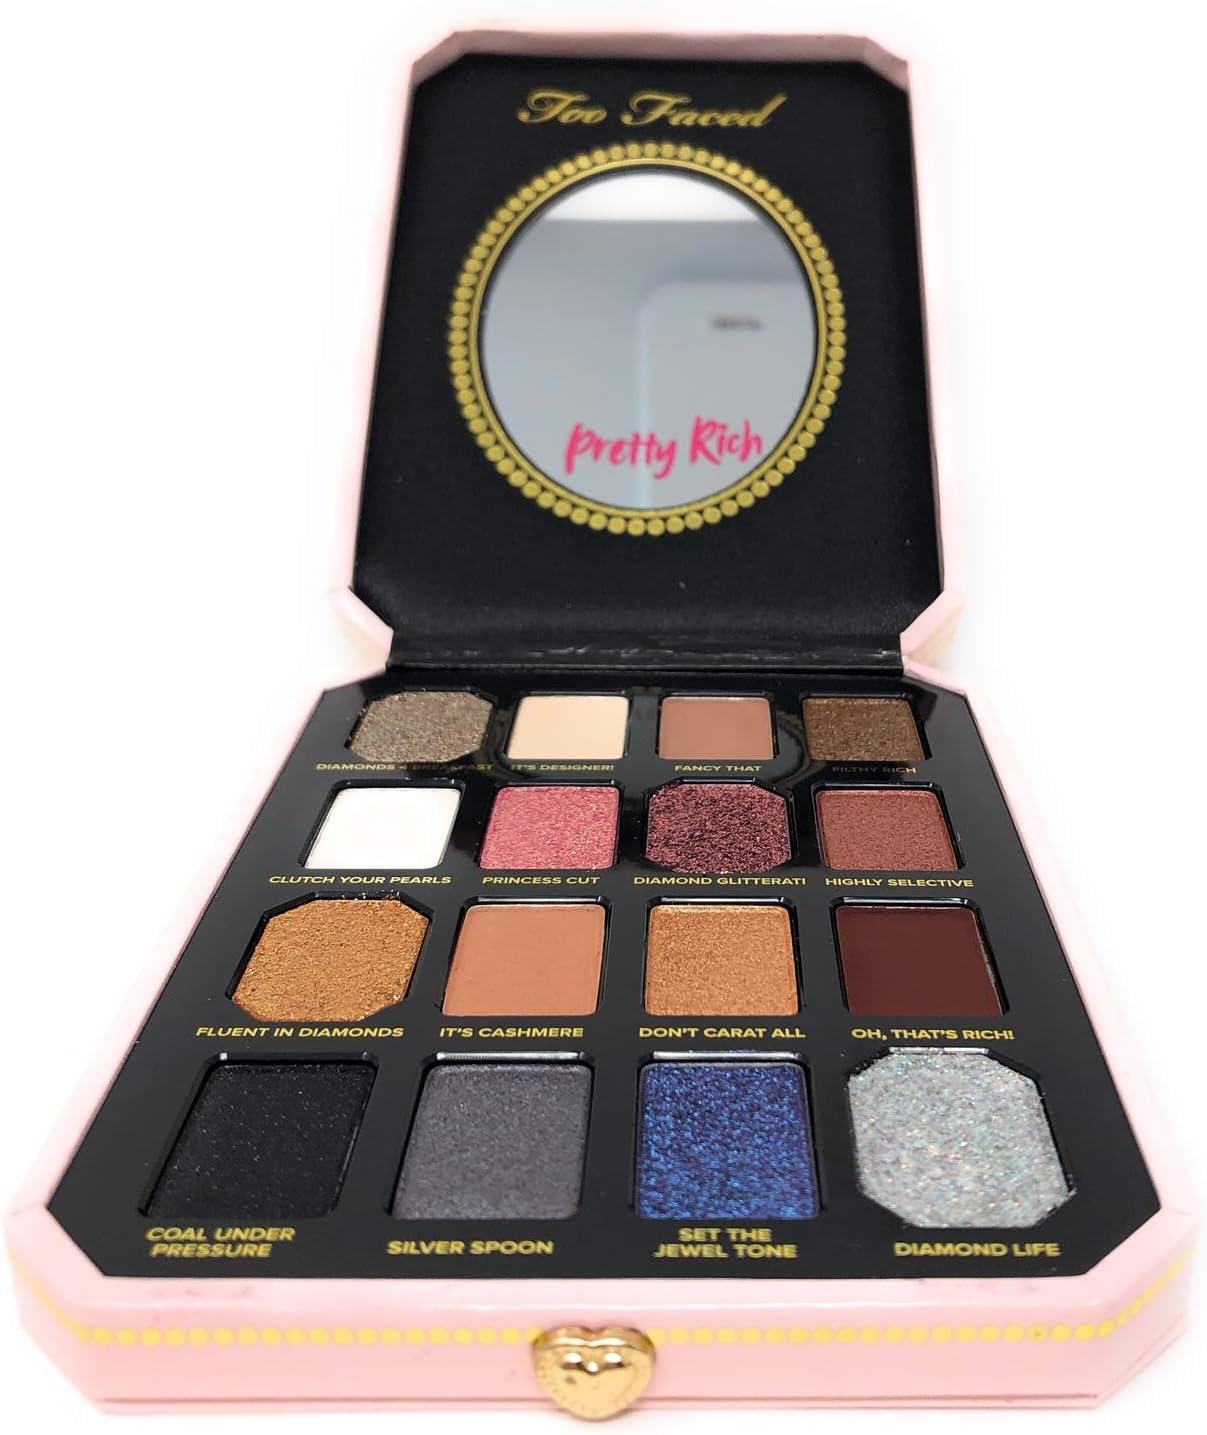 Too Faced - Pretty Rich - Paleta de sombra de ojos Diamond Light: Amazon.es: Belleza